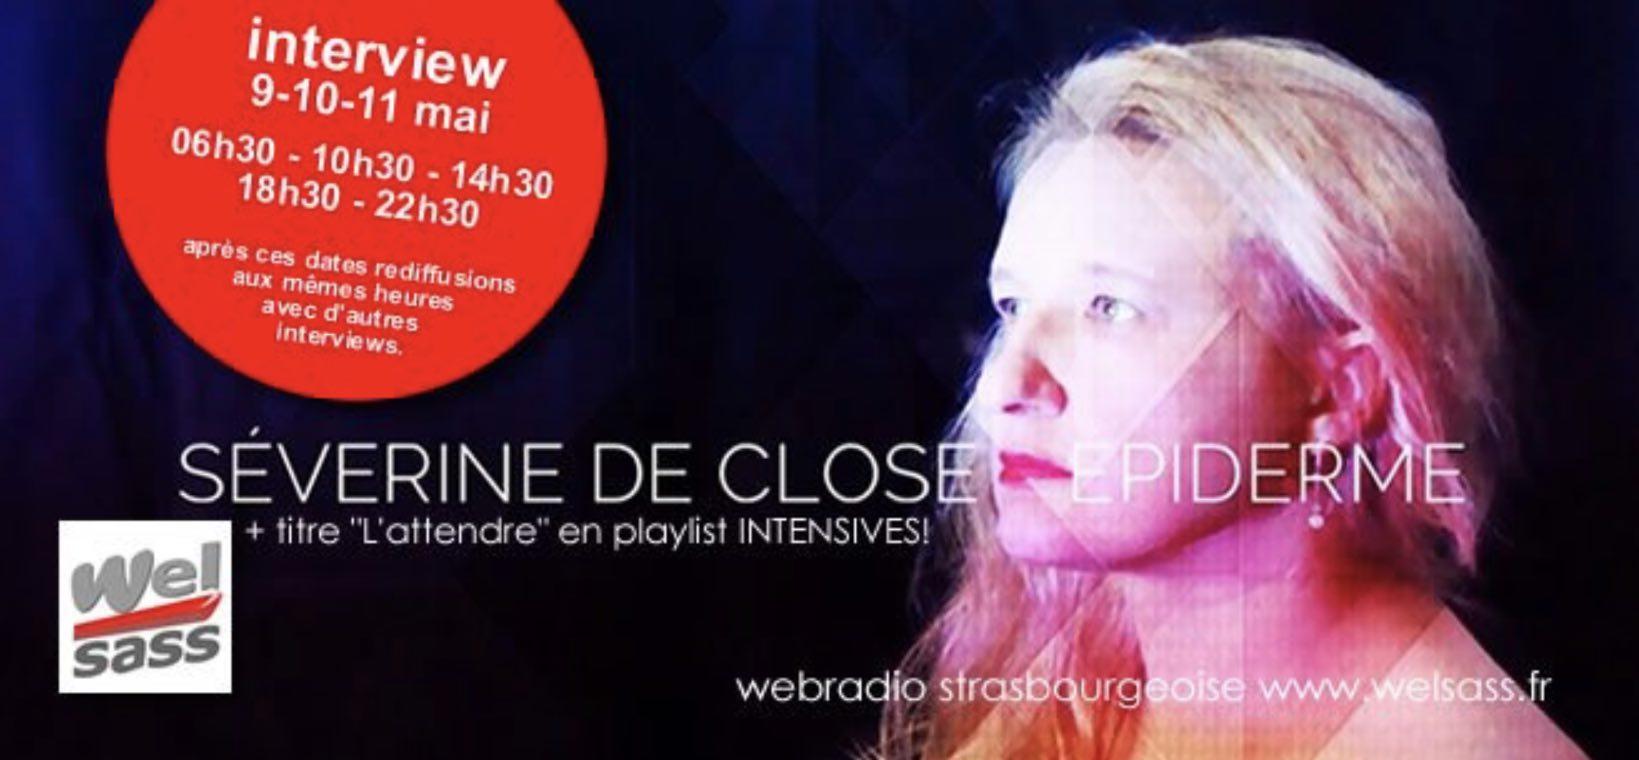 Epiderme sur Radio Welsass